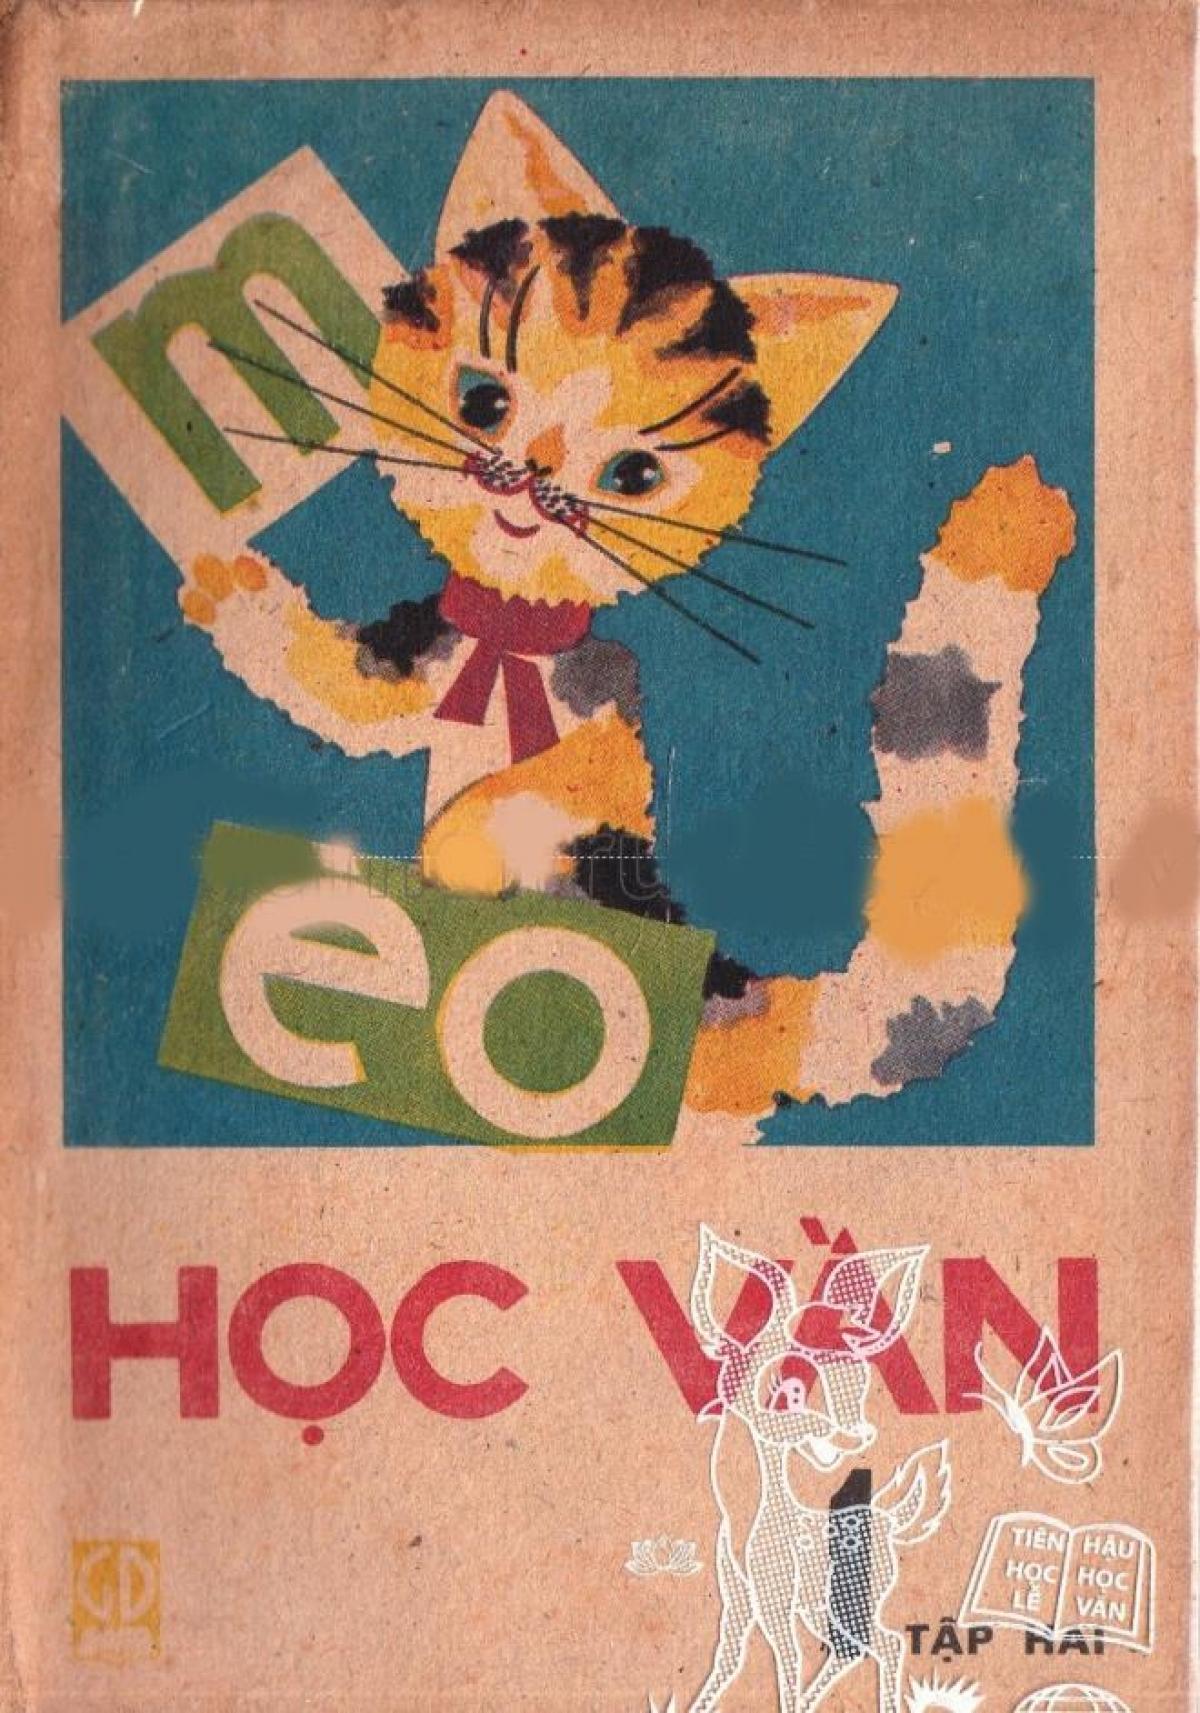 Sách Học vần lớp 1 tập 2, năm 1986.